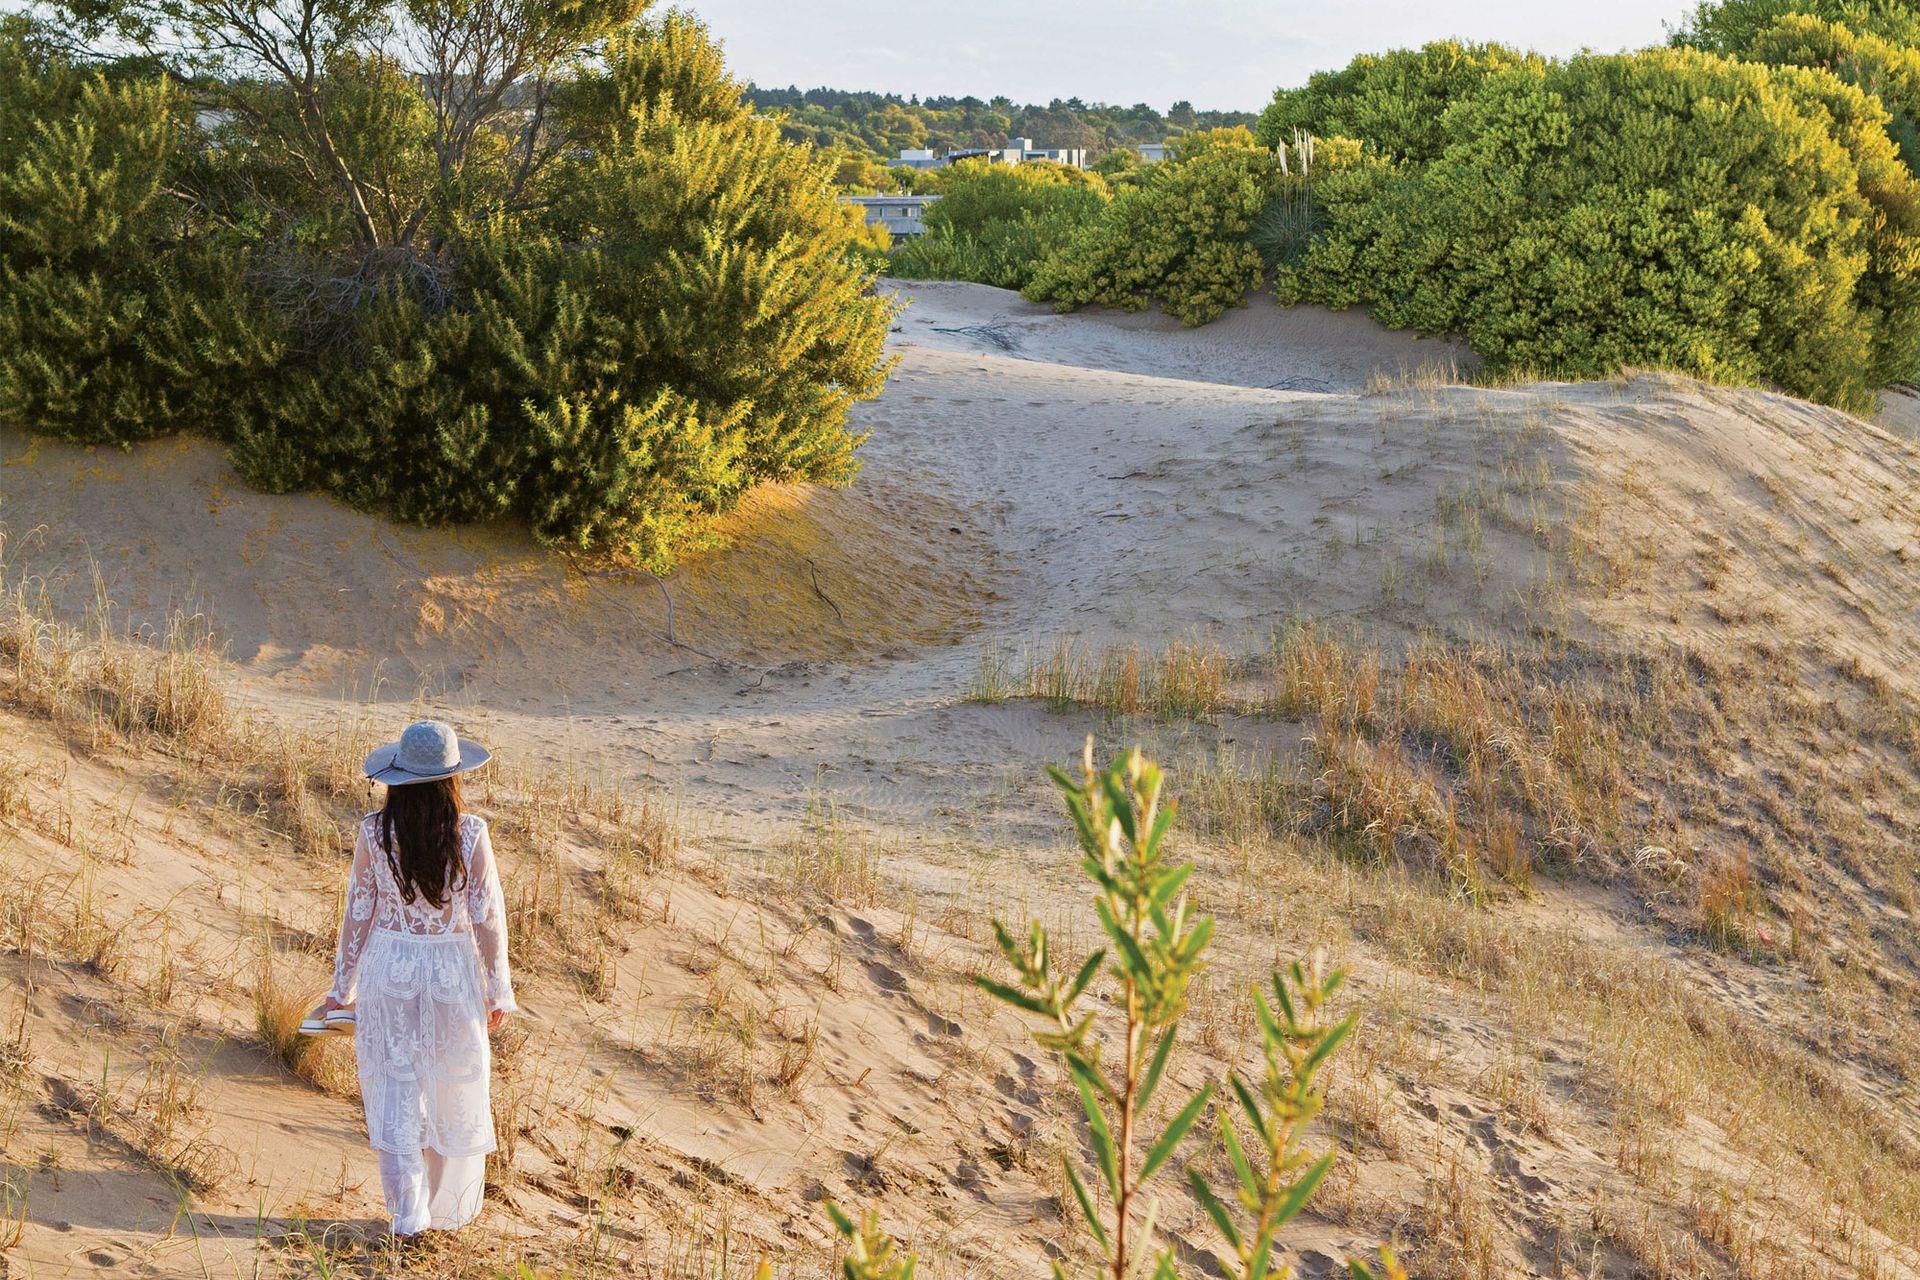 La naturaleza invita a descansar el cuerpo y despejar la mente.